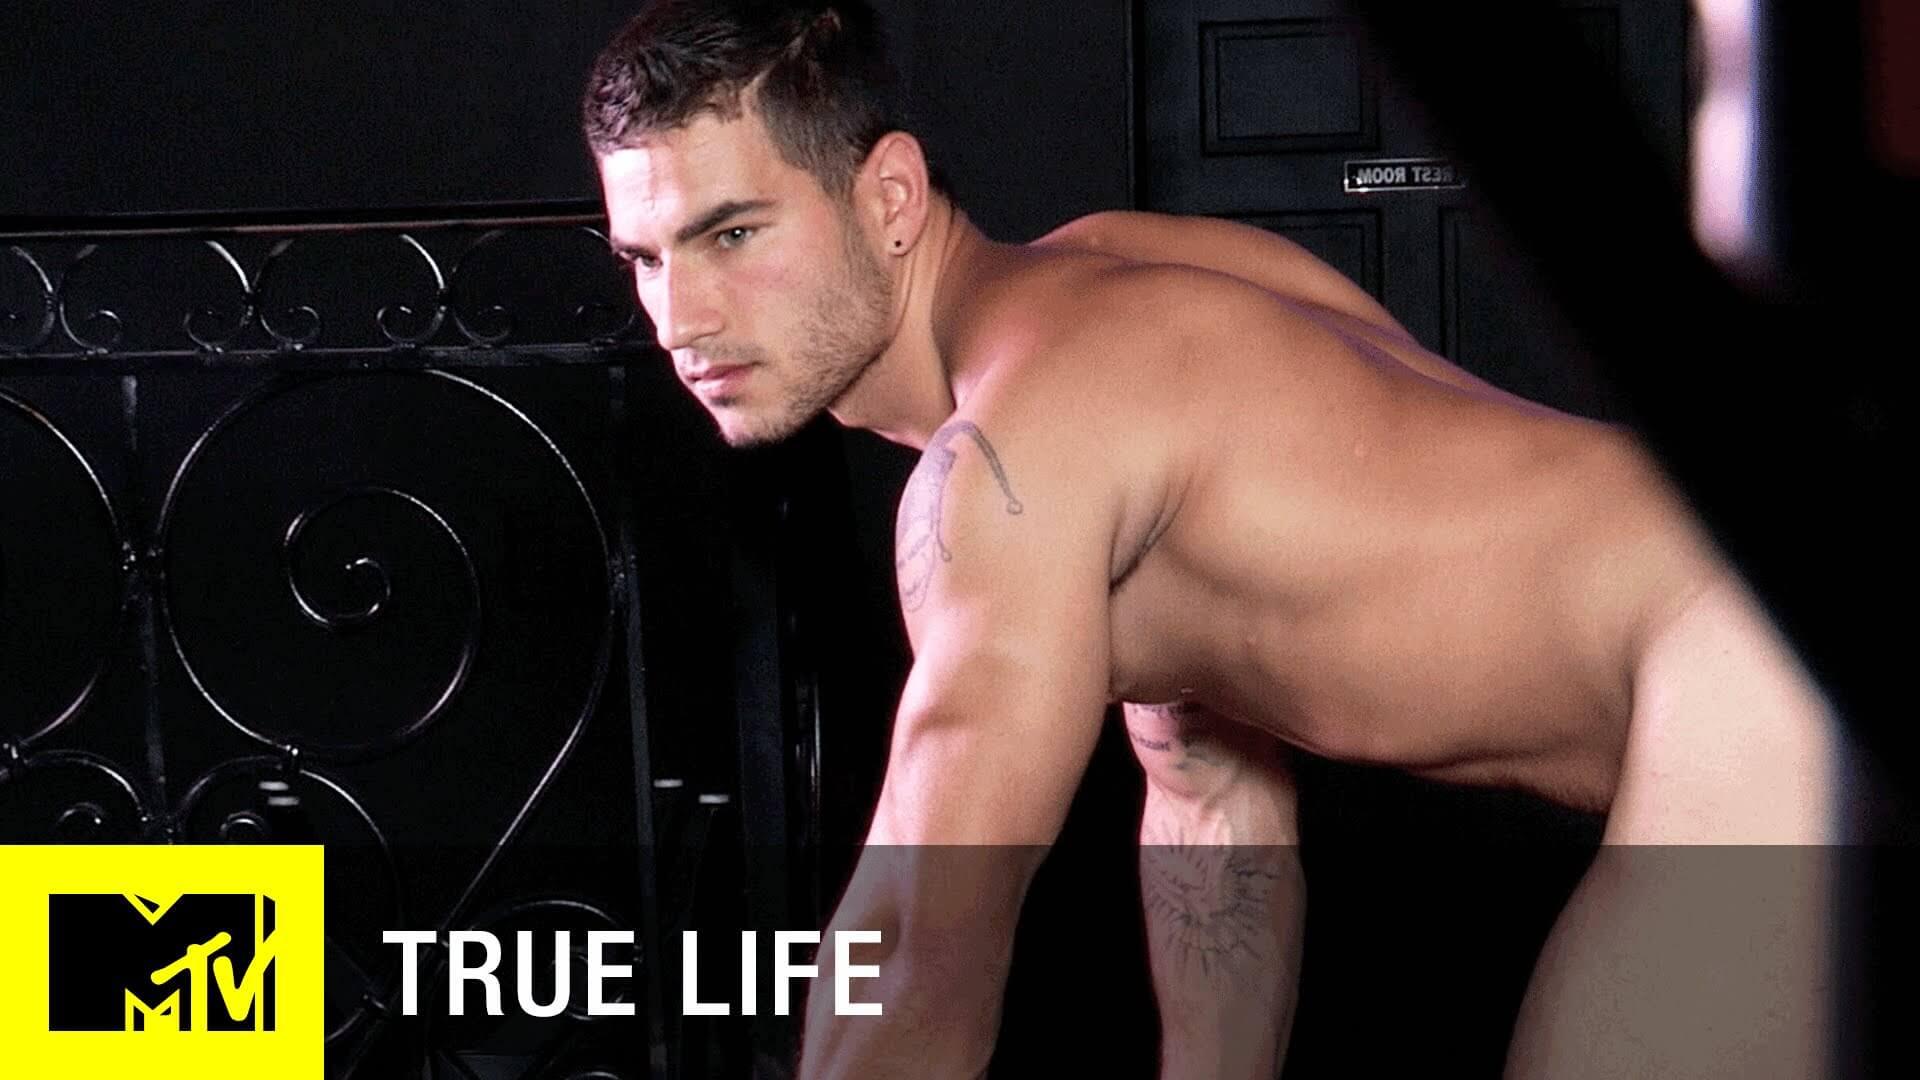 Luke_vadim_black_mtv_true_life_gay_for_pay_pornstar